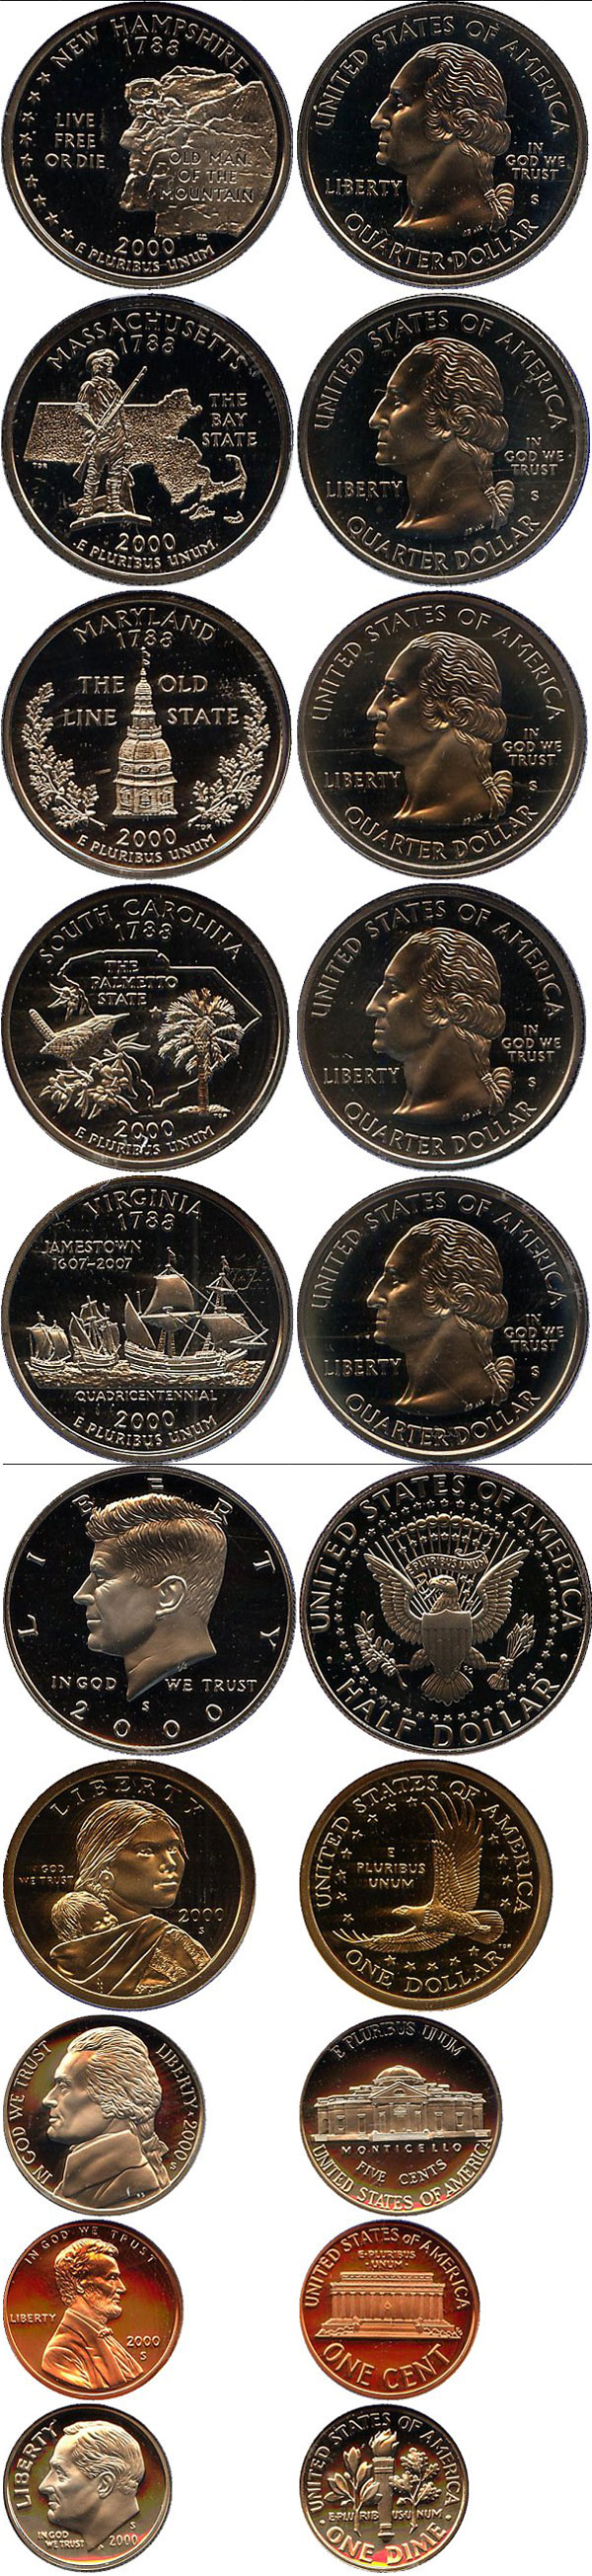 Картинка Подарочные наборы США Набор монет 2000 года в качестве proof Медно-никель 2000